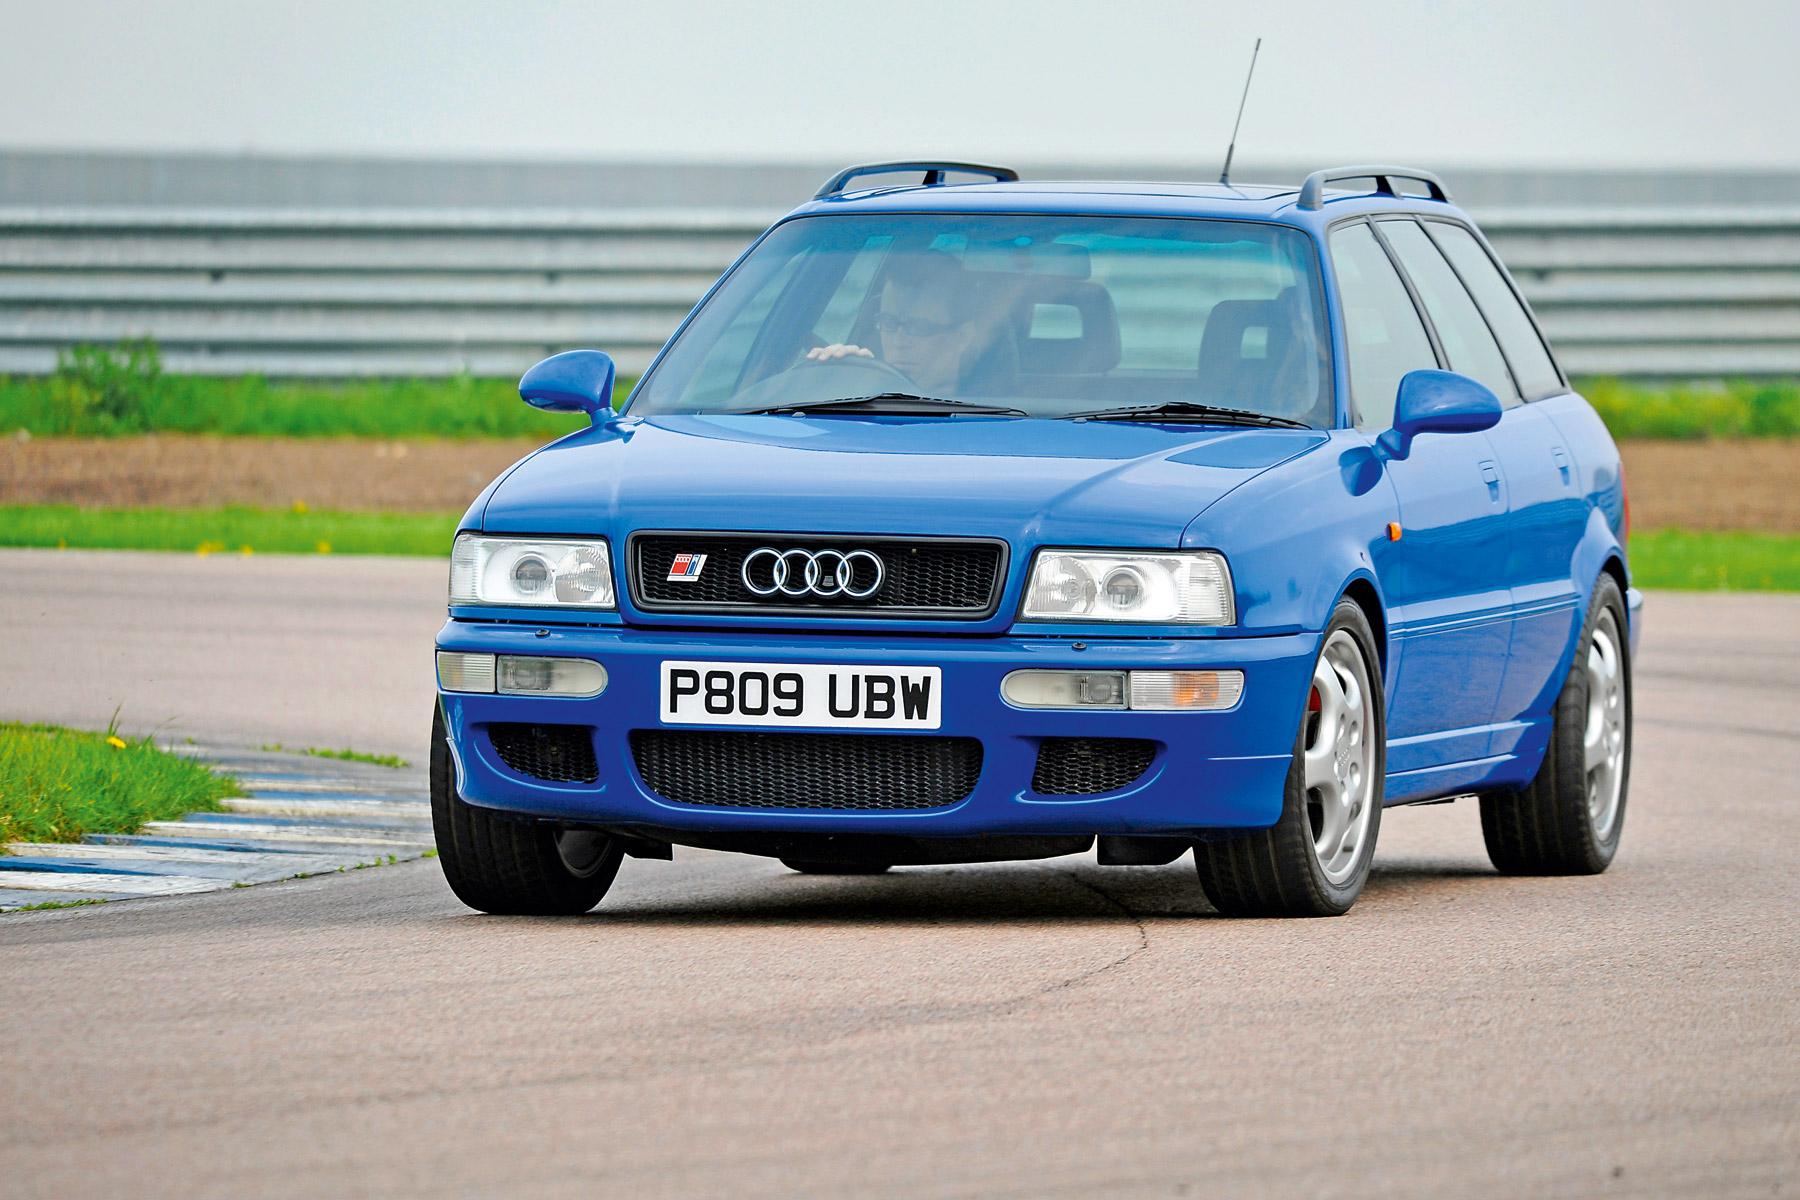 Kelebihan Kekurangan Audi Rs2 Avant Murah Berkualitas